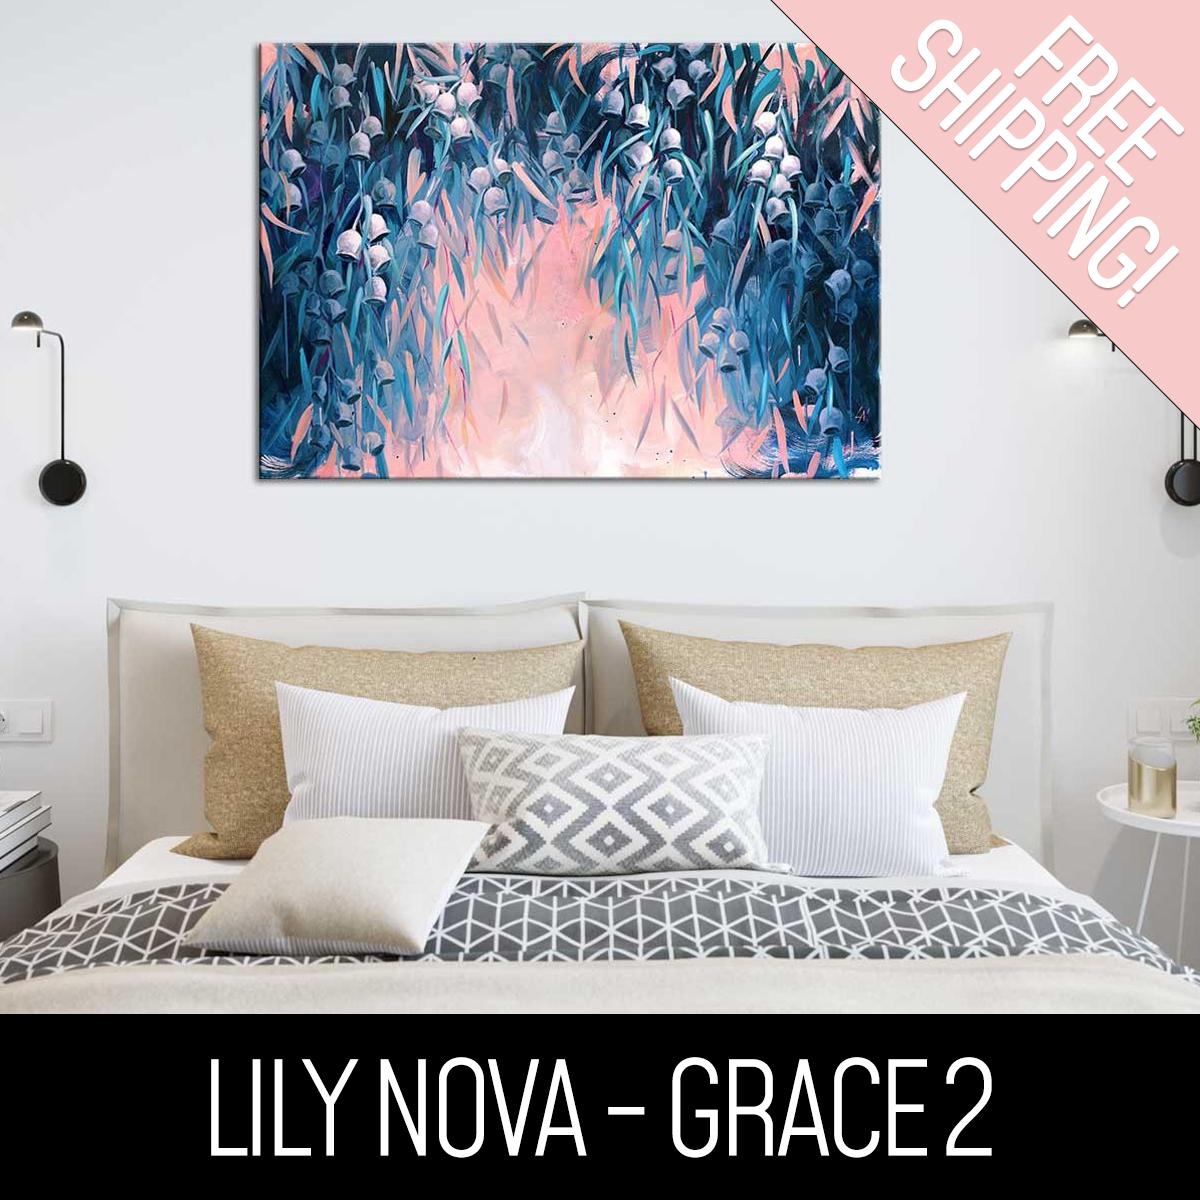 Lily Nova